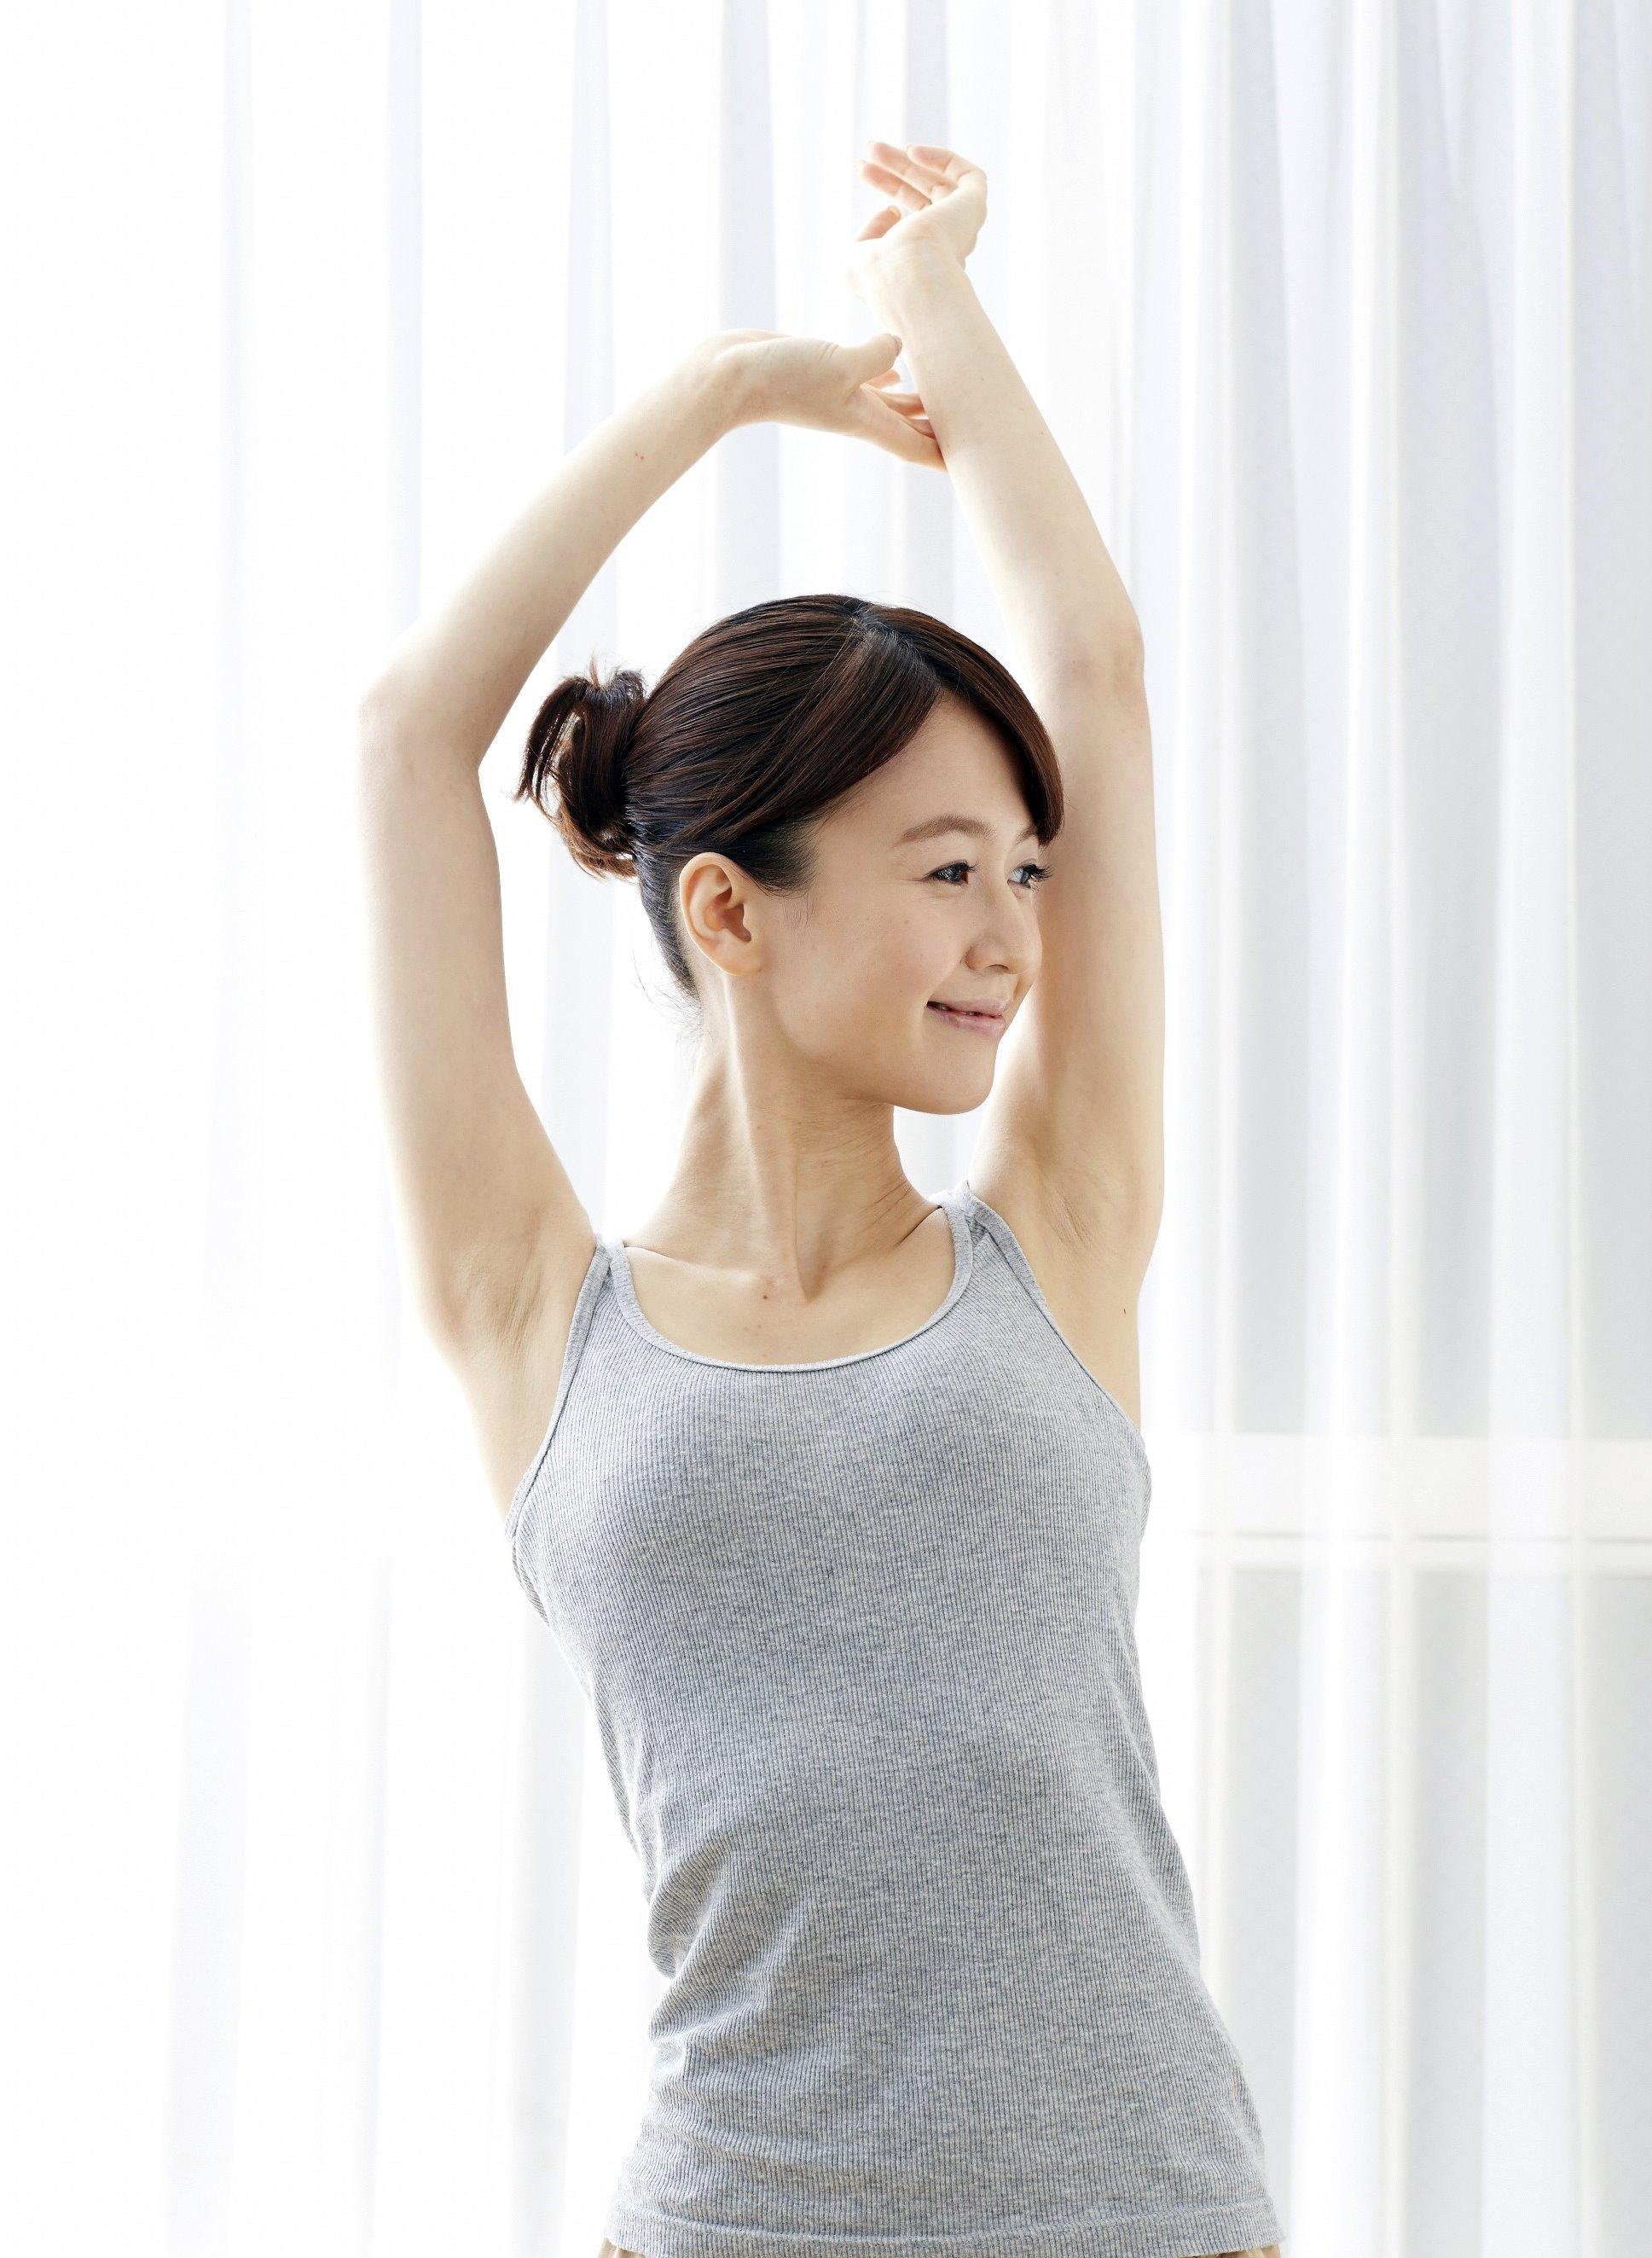 美人腋モデルの腋見せ (3)